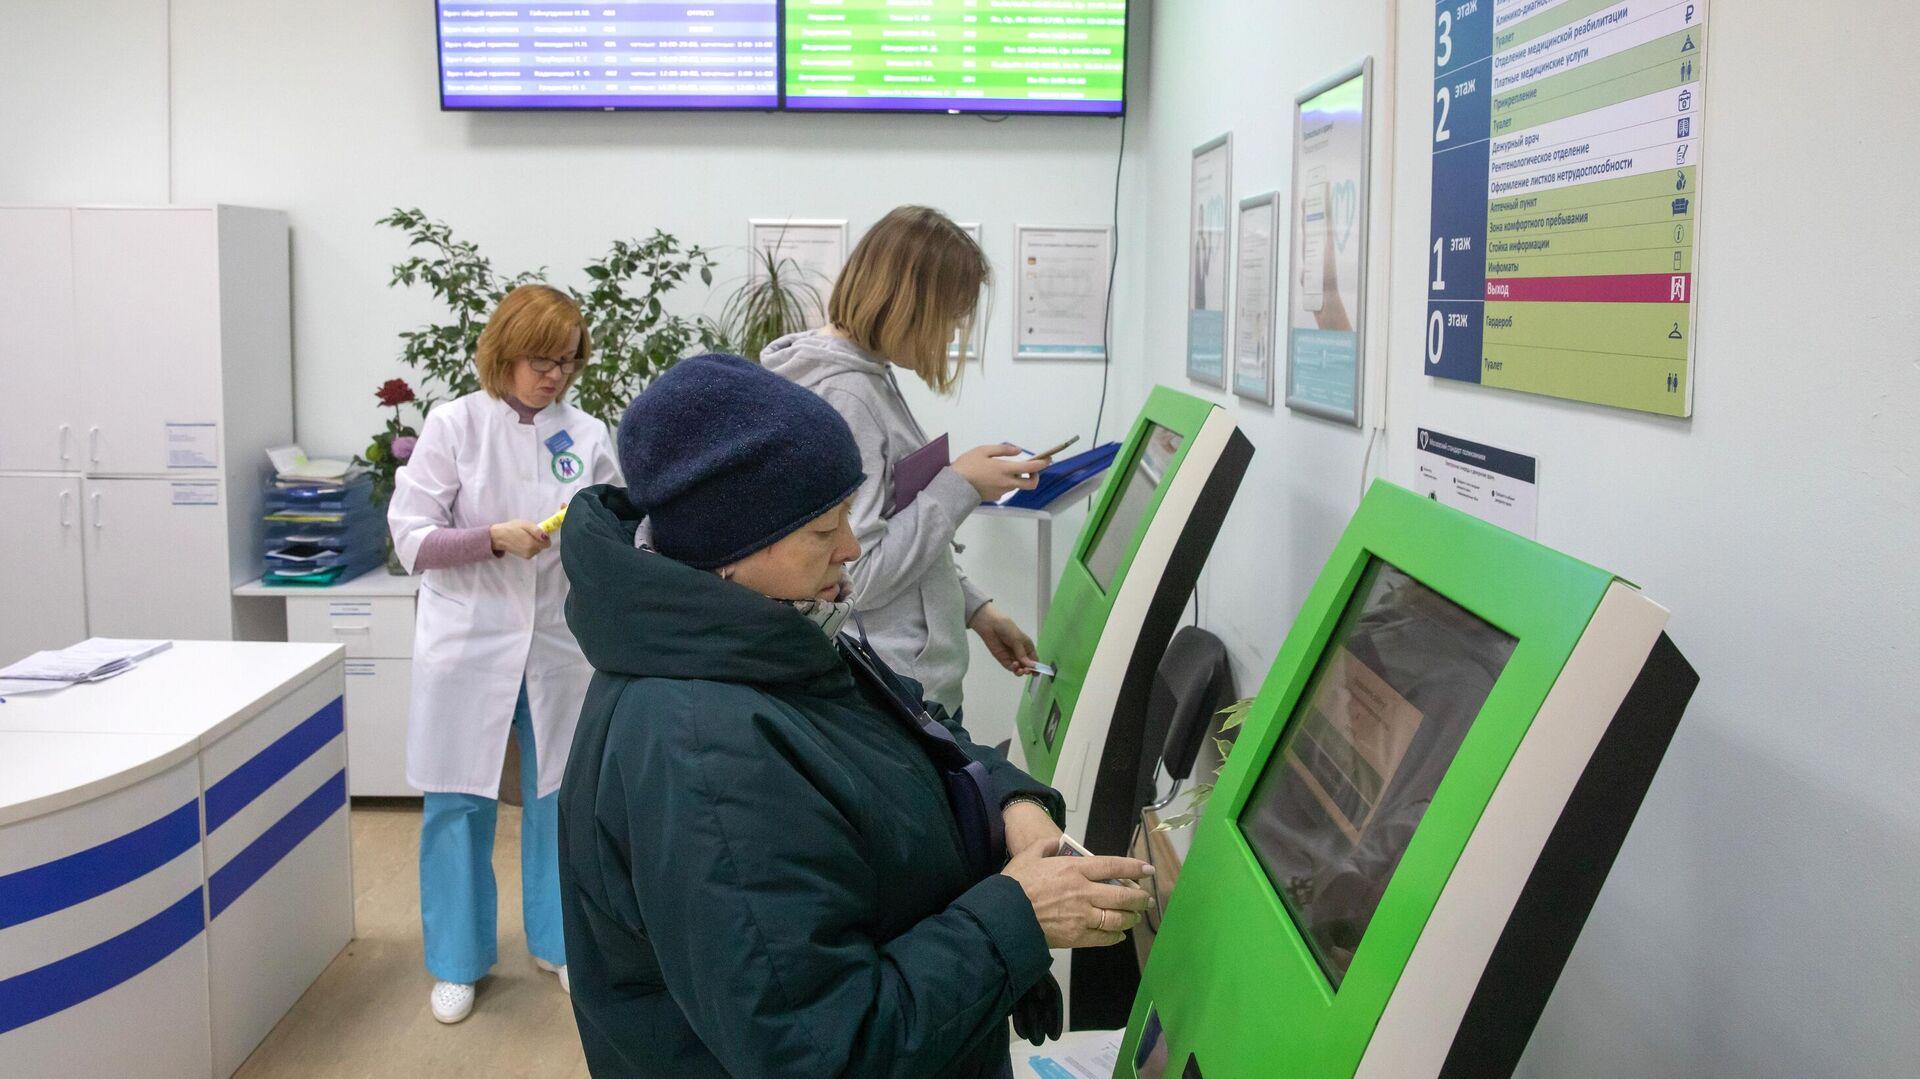 Пациенты записываются на прием к врачу через электронные терминалы в Москве   - РИА Новости, 1920, 30.12.2020